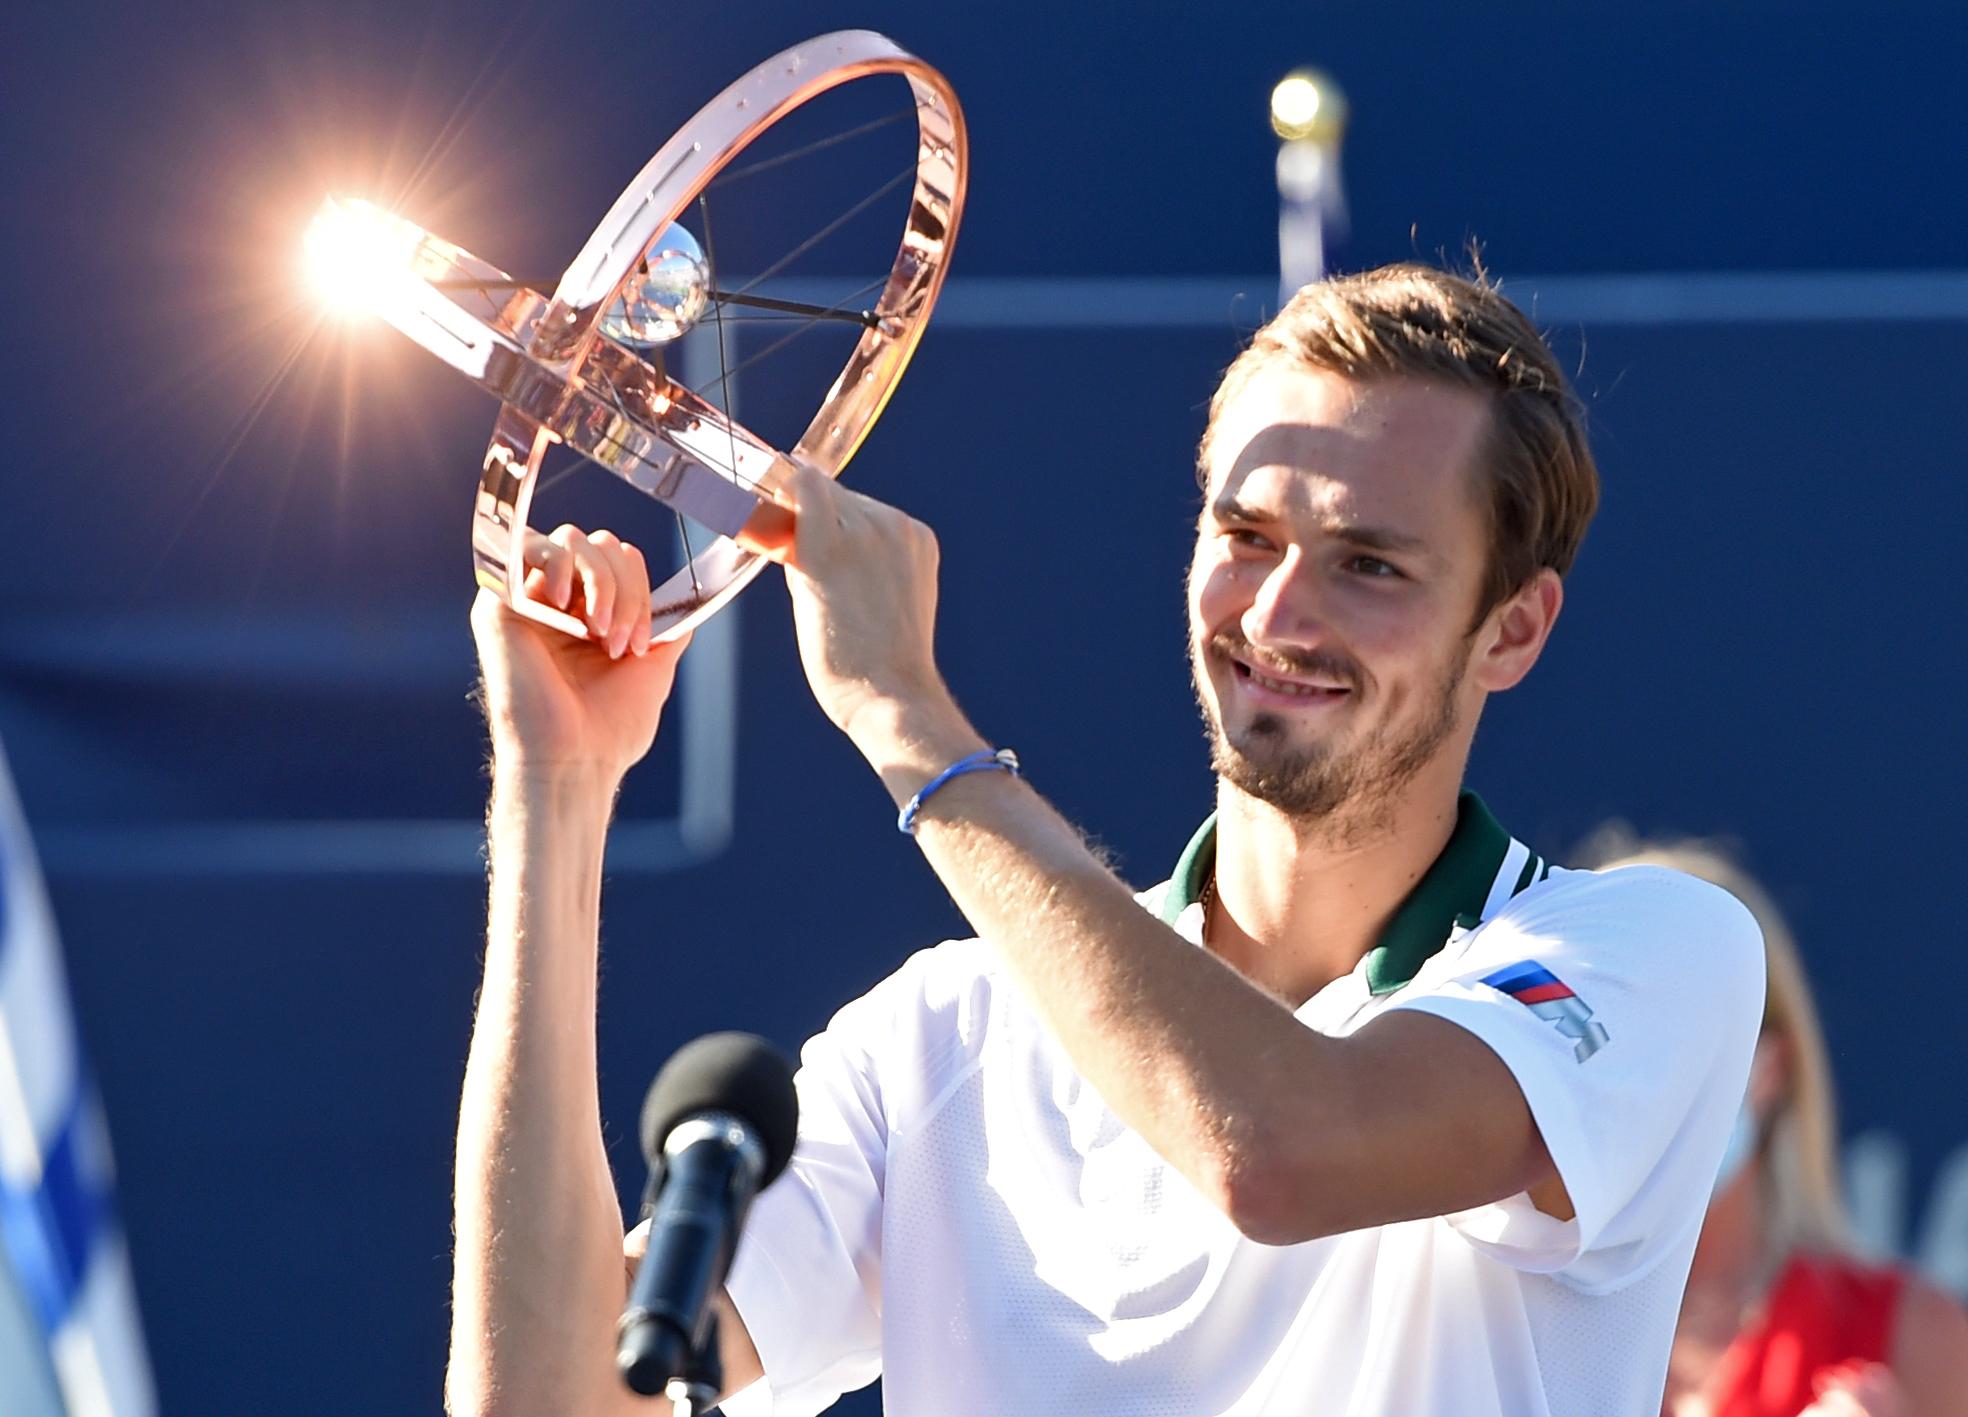 Rogers Cup: Ο Μεντβέντεφ έκανε «περίπατο» κόντρα στον Οπέλκα στον τελικό